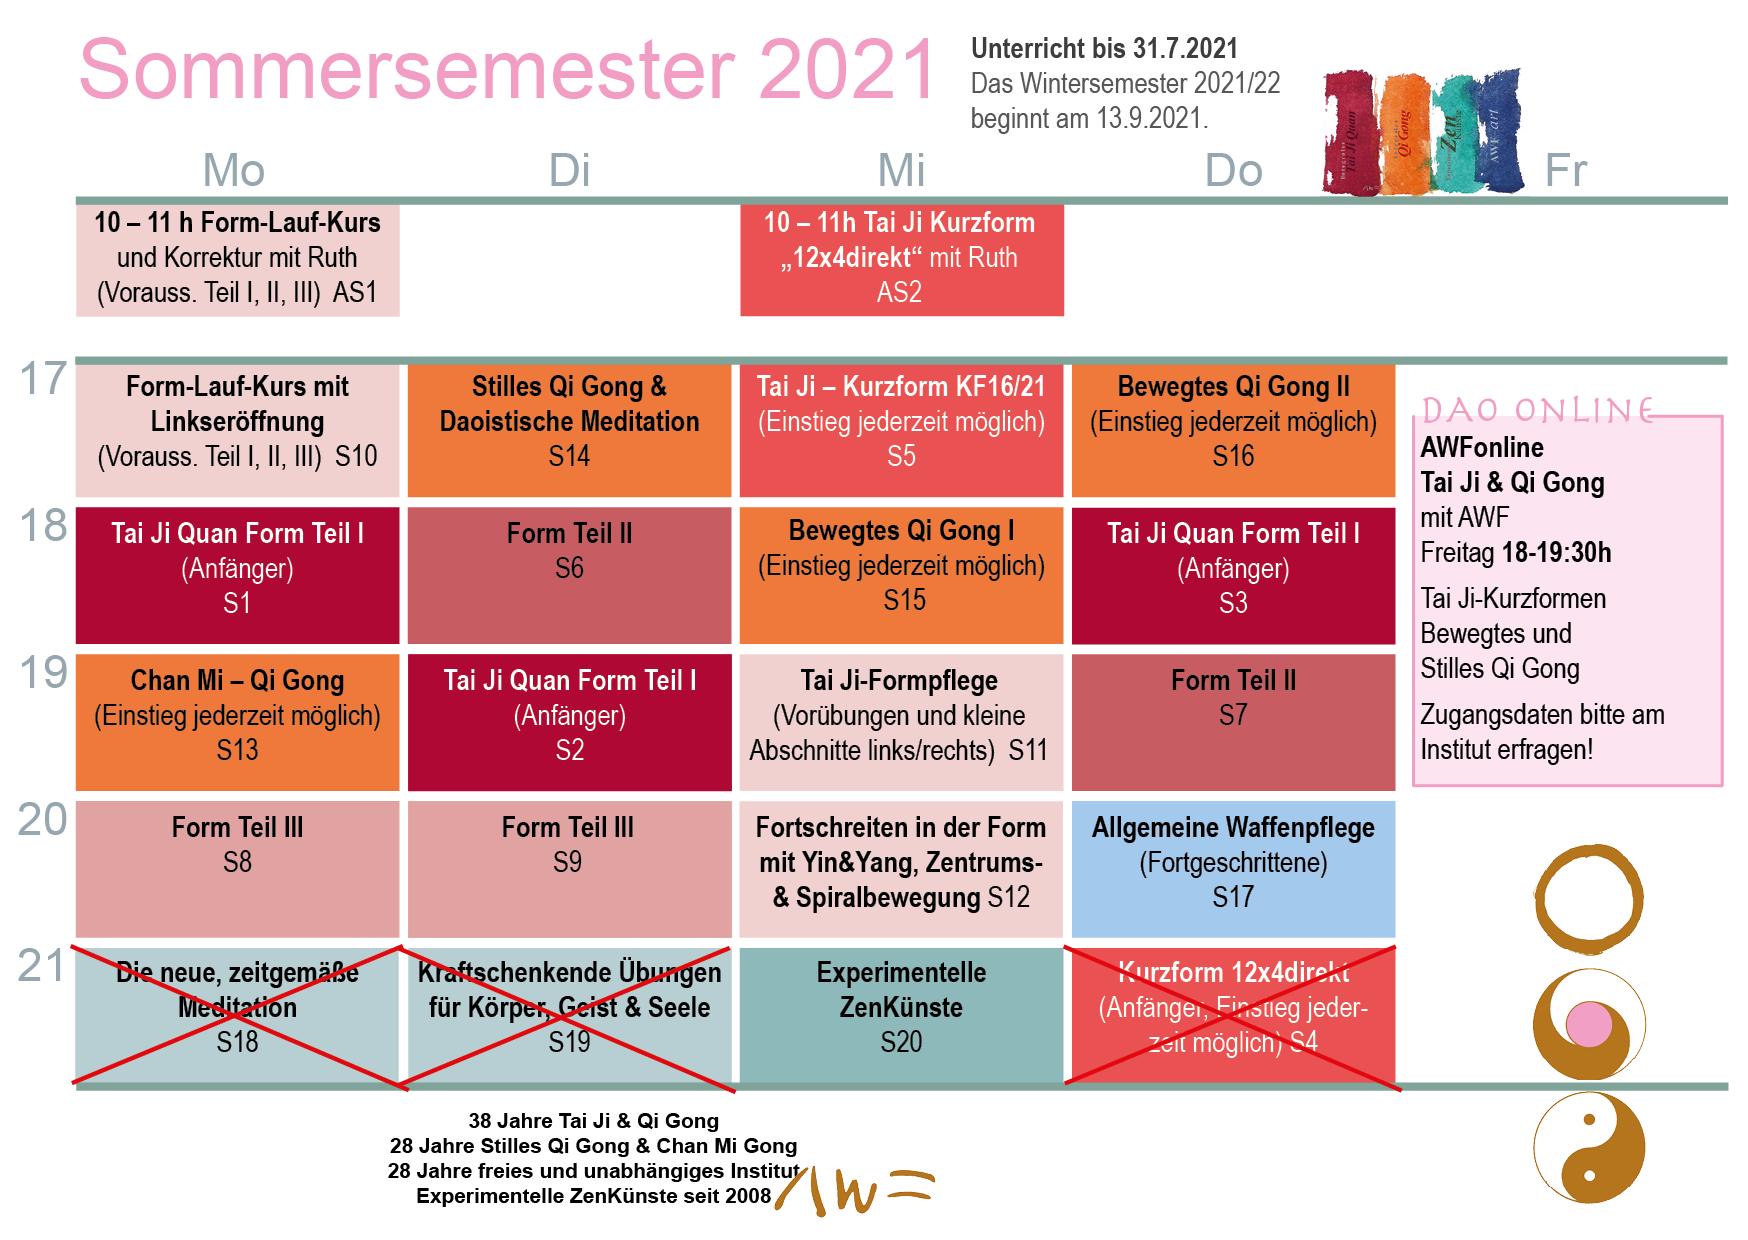 Stundenplan Sommersemester 2021